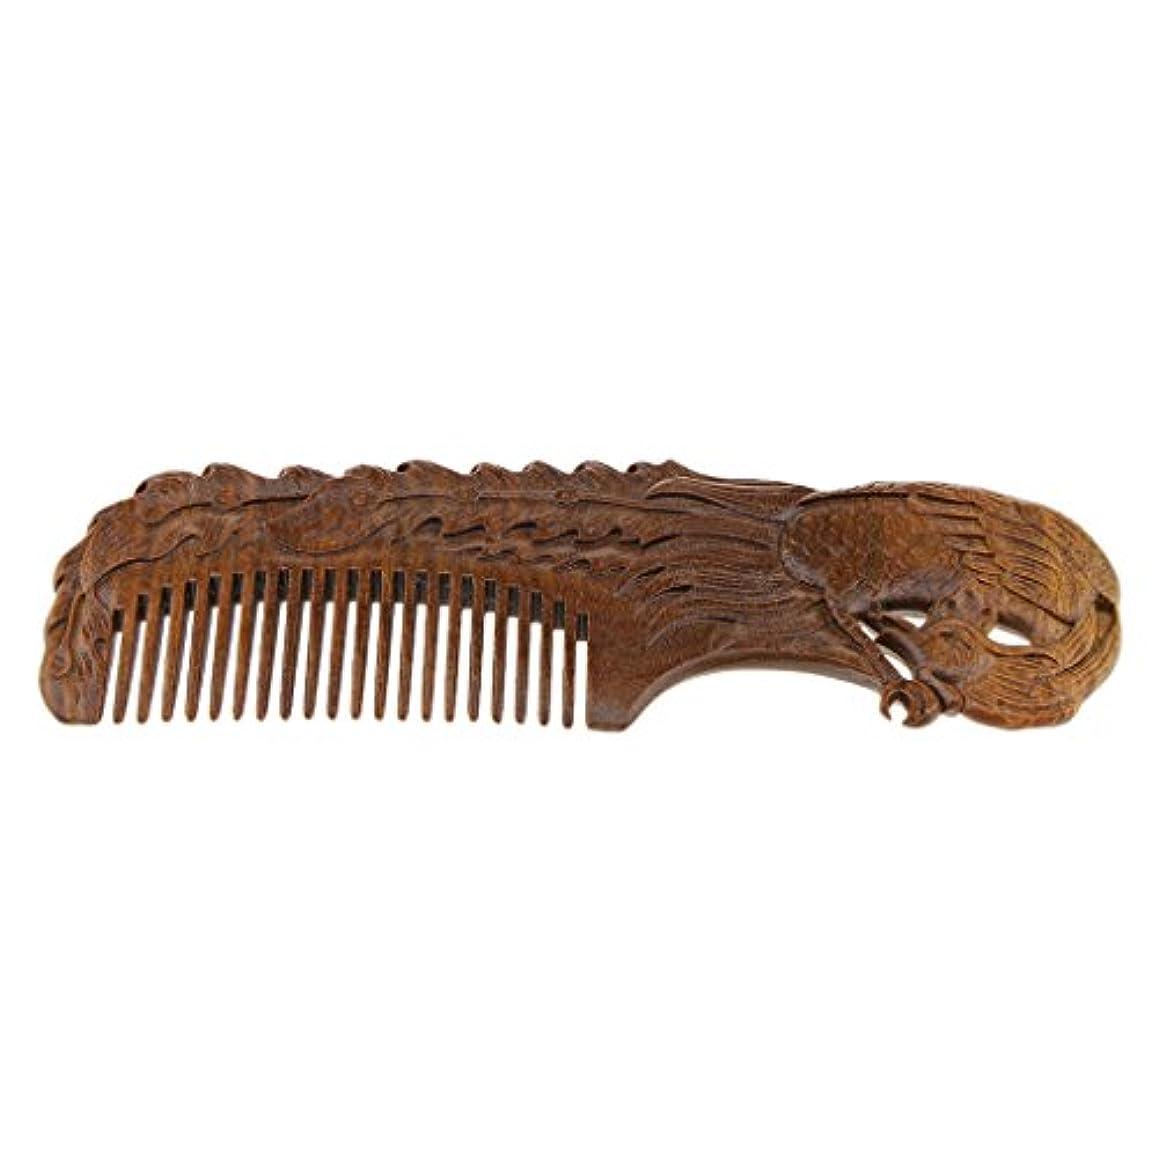 ホース属する熟読ウッドコーム 木製コーム 木製櫛 ヘアブラシ ヘアコーム 滑らかな歯 頭皮マッサージ 全2種類選択 - Phoenix